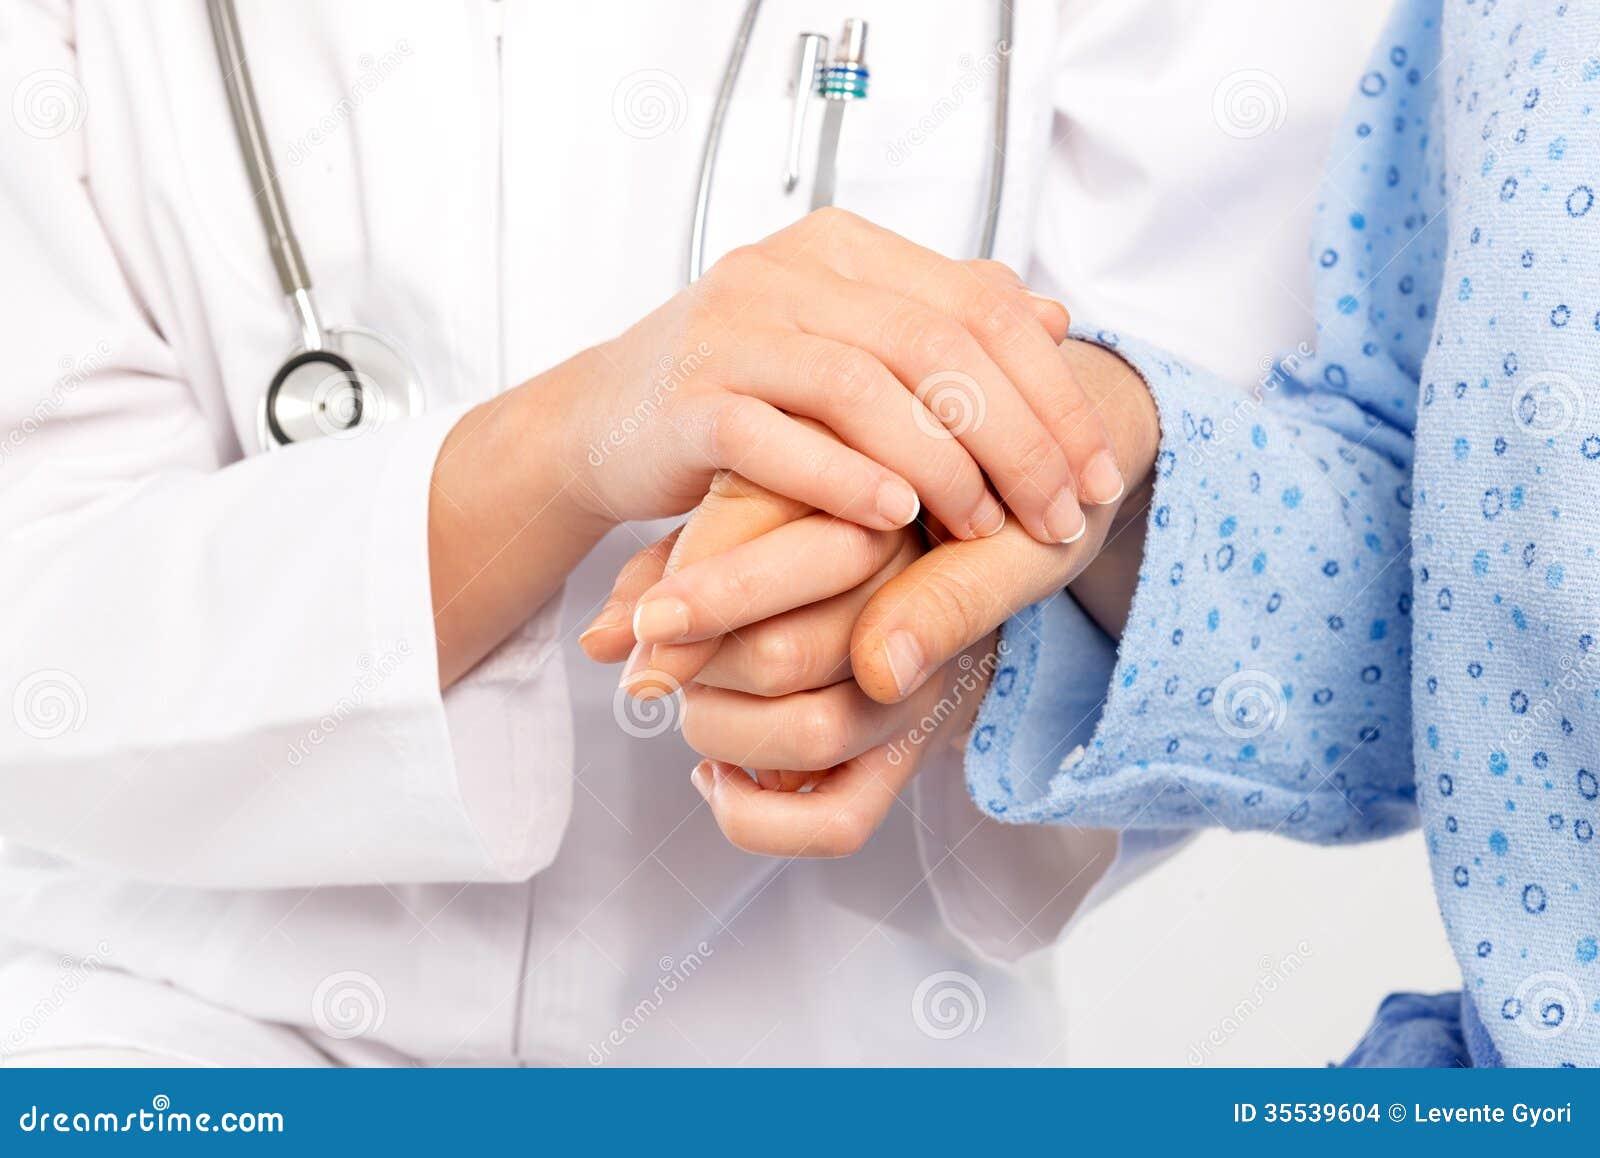 Medische arts die in de hand van de hogere patiënt een gat maken